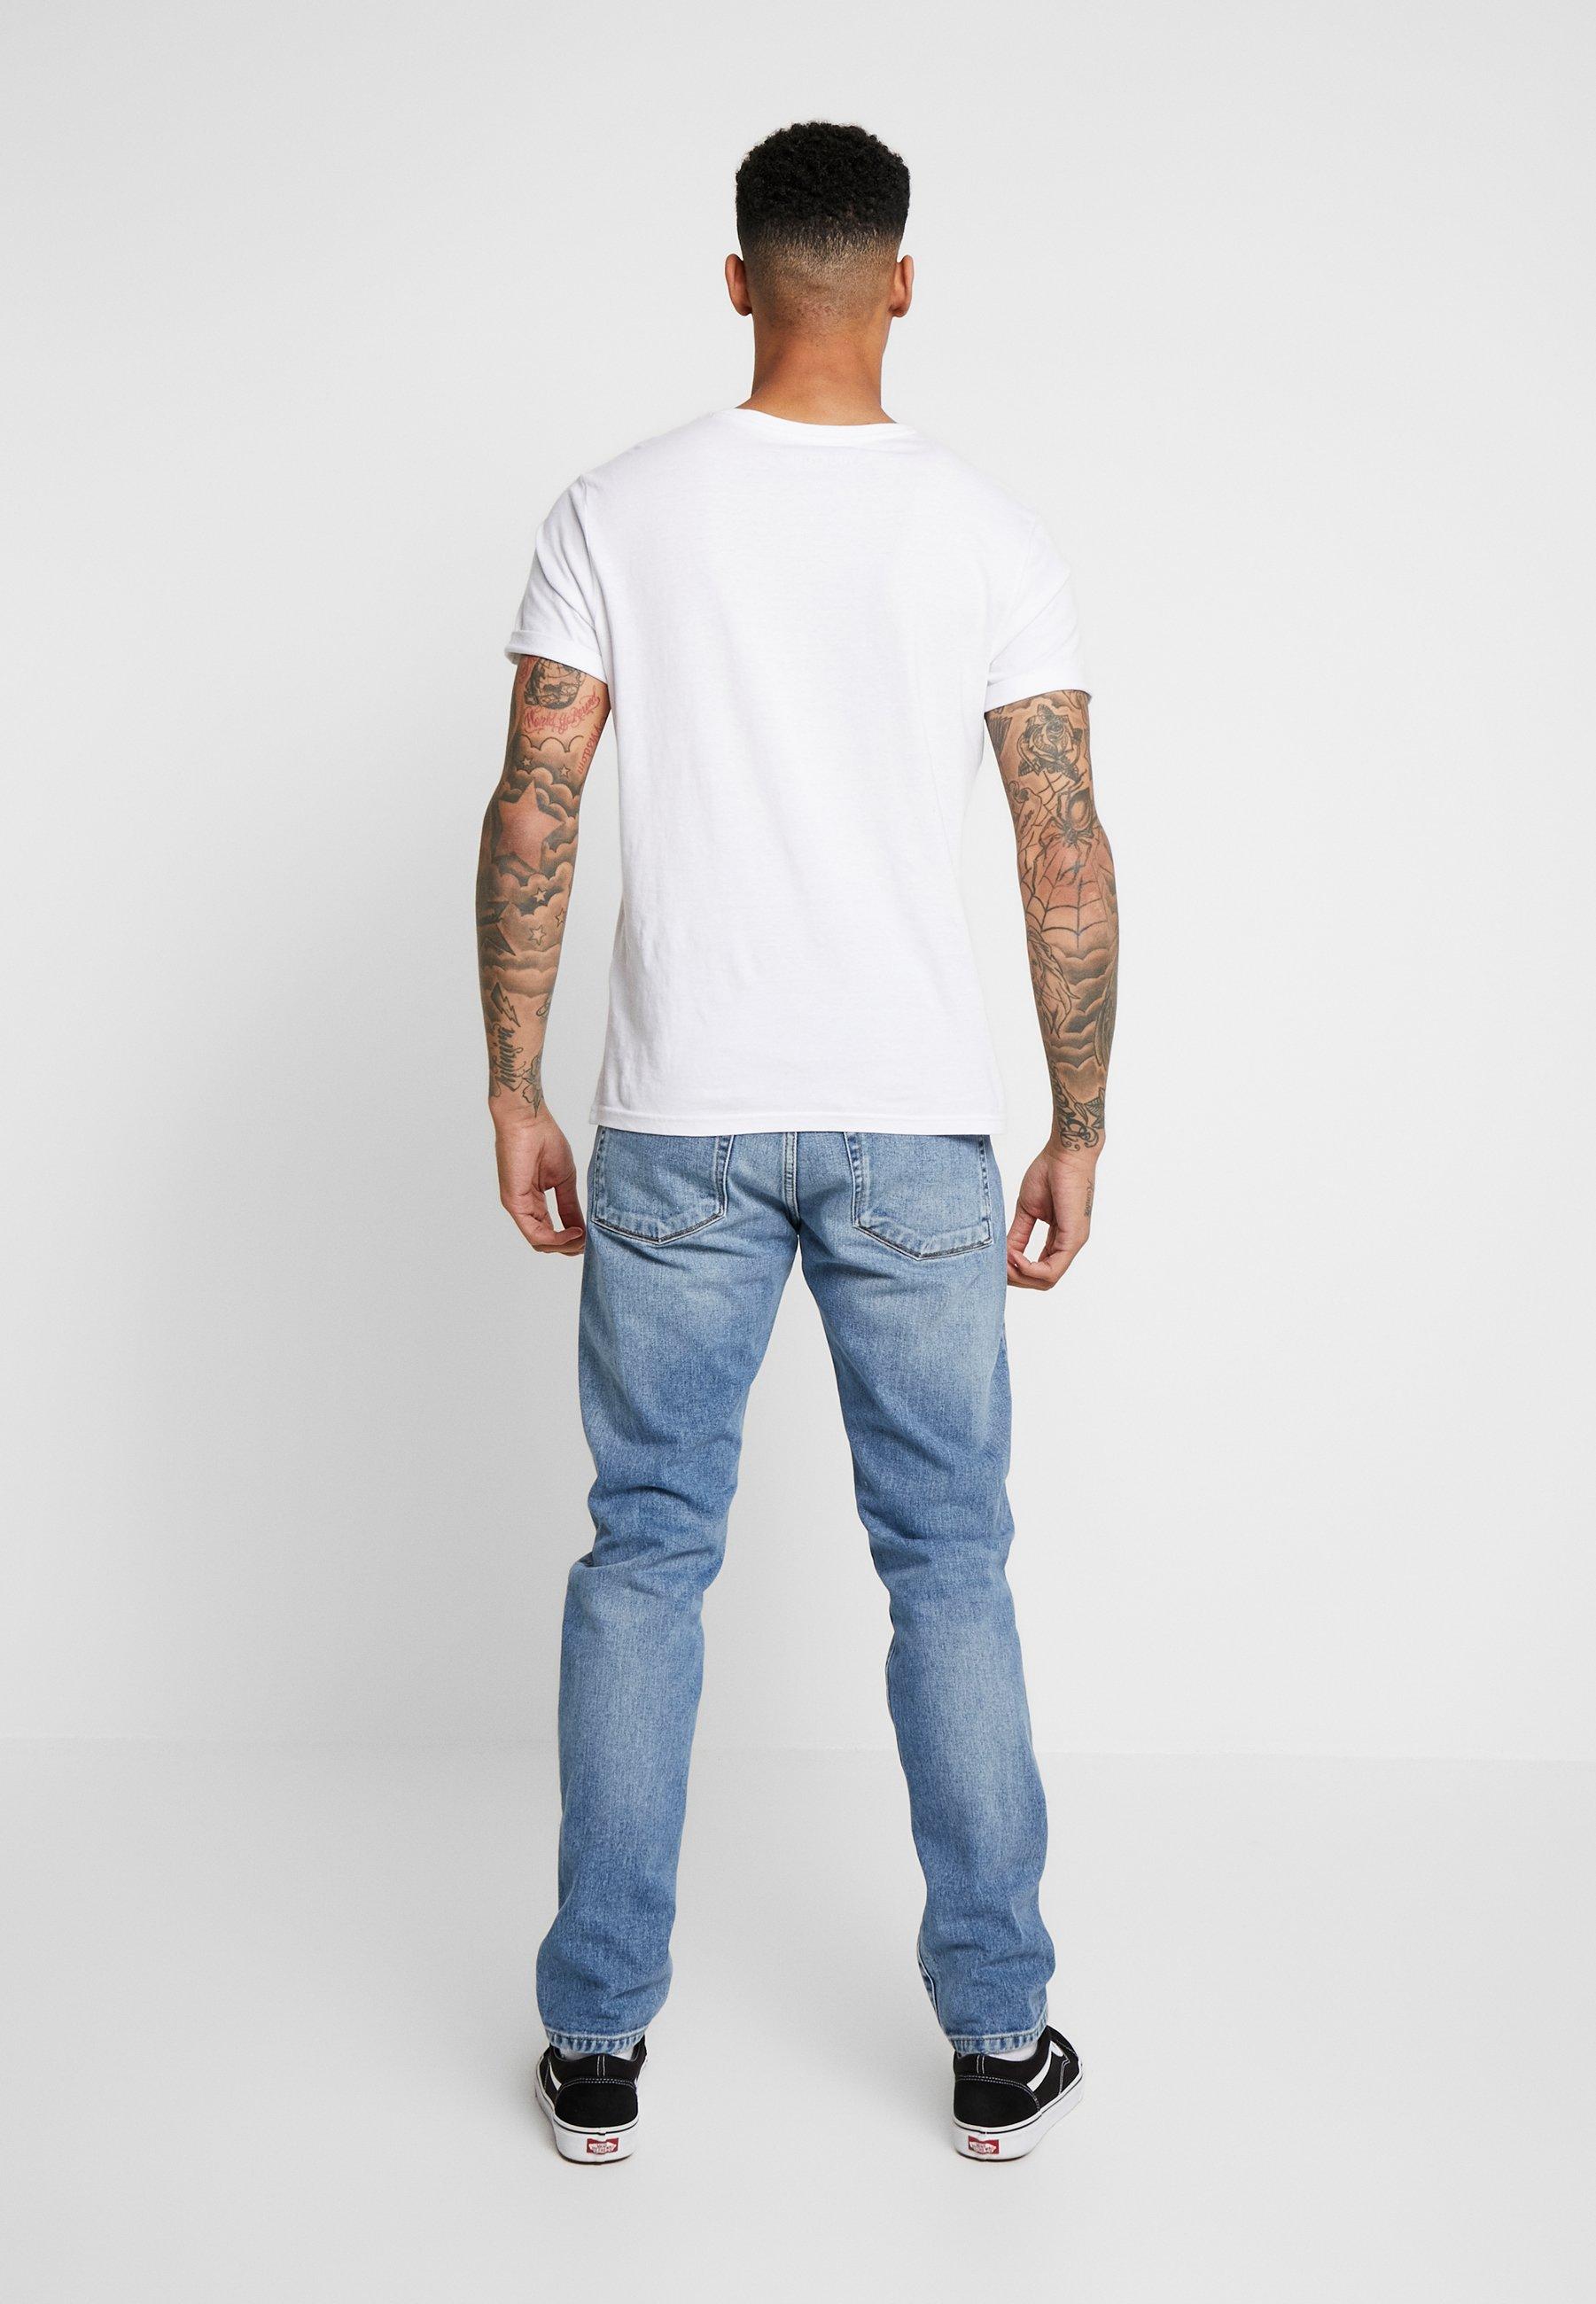 Hyvä Myynti Miesten vaatteet Sarja dfKJIUp97454sfGHYHD Carhartt WIP VICIOUS PANT MAITLAND Slim fit -farkut blue worn bleached